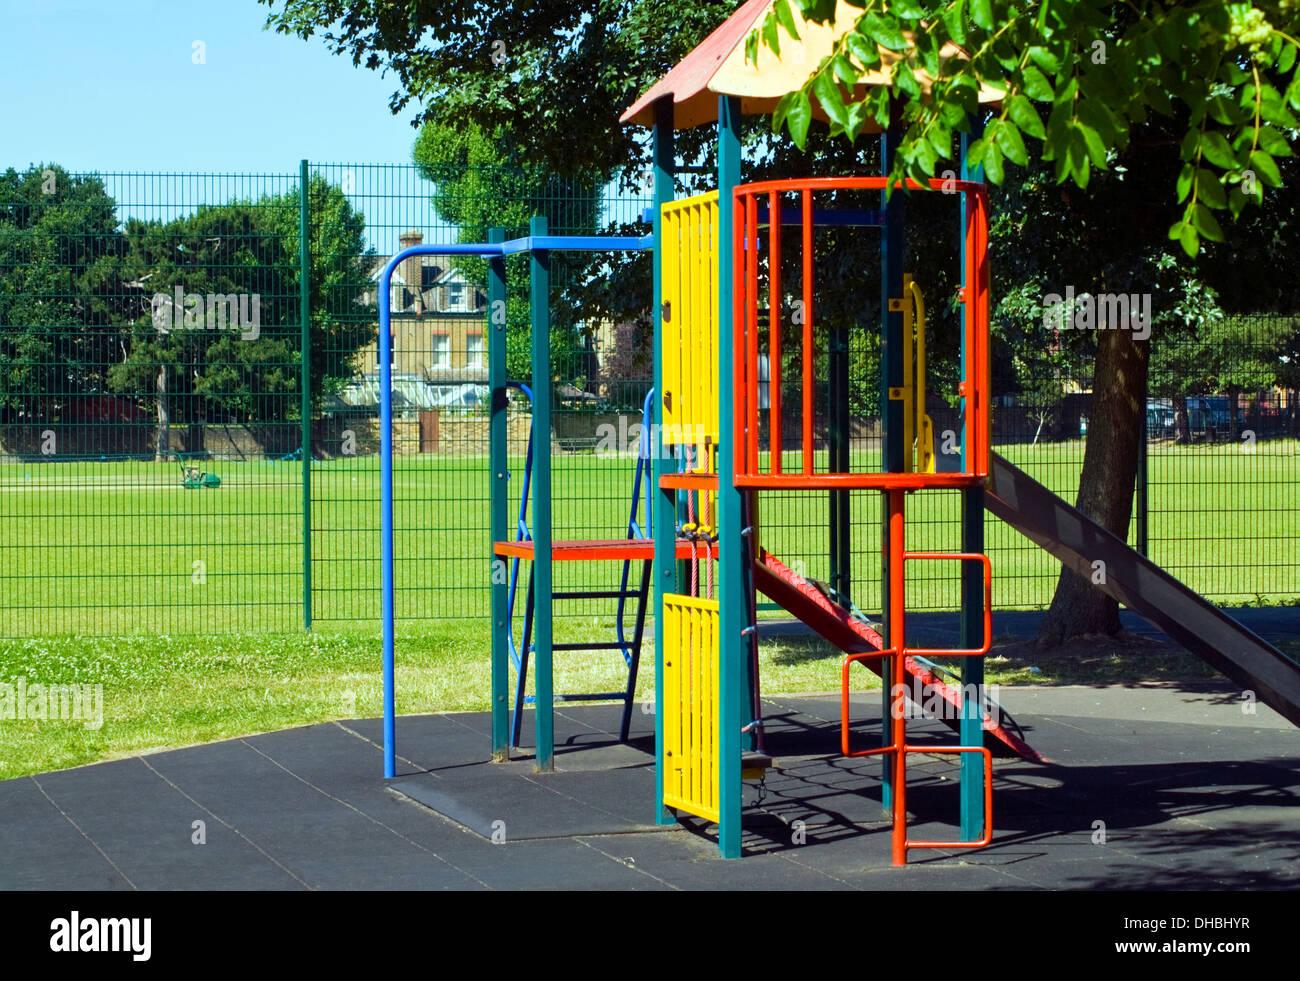 Klettergerüst Für Kinder : Klettergerüst für kinder u ac neumarkt am wallersee